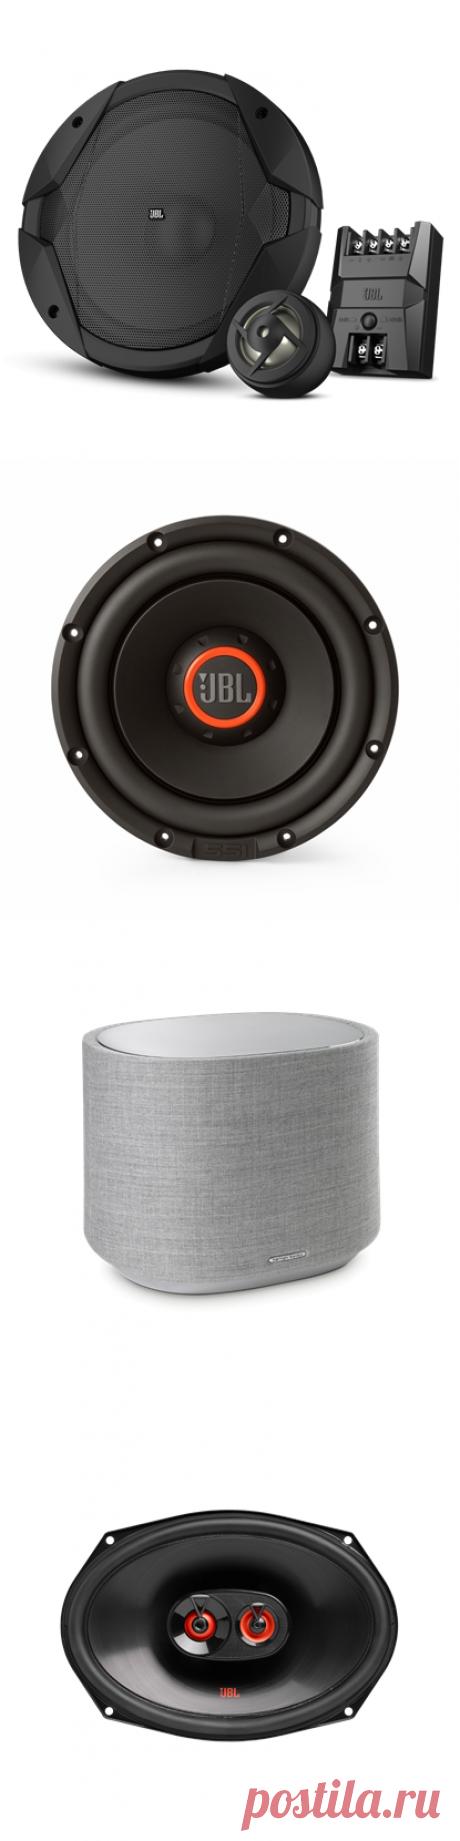 Автомобильная акустика JBL в интернет-магазине, цены - купить акустику для автомобиля в Москве | Harman